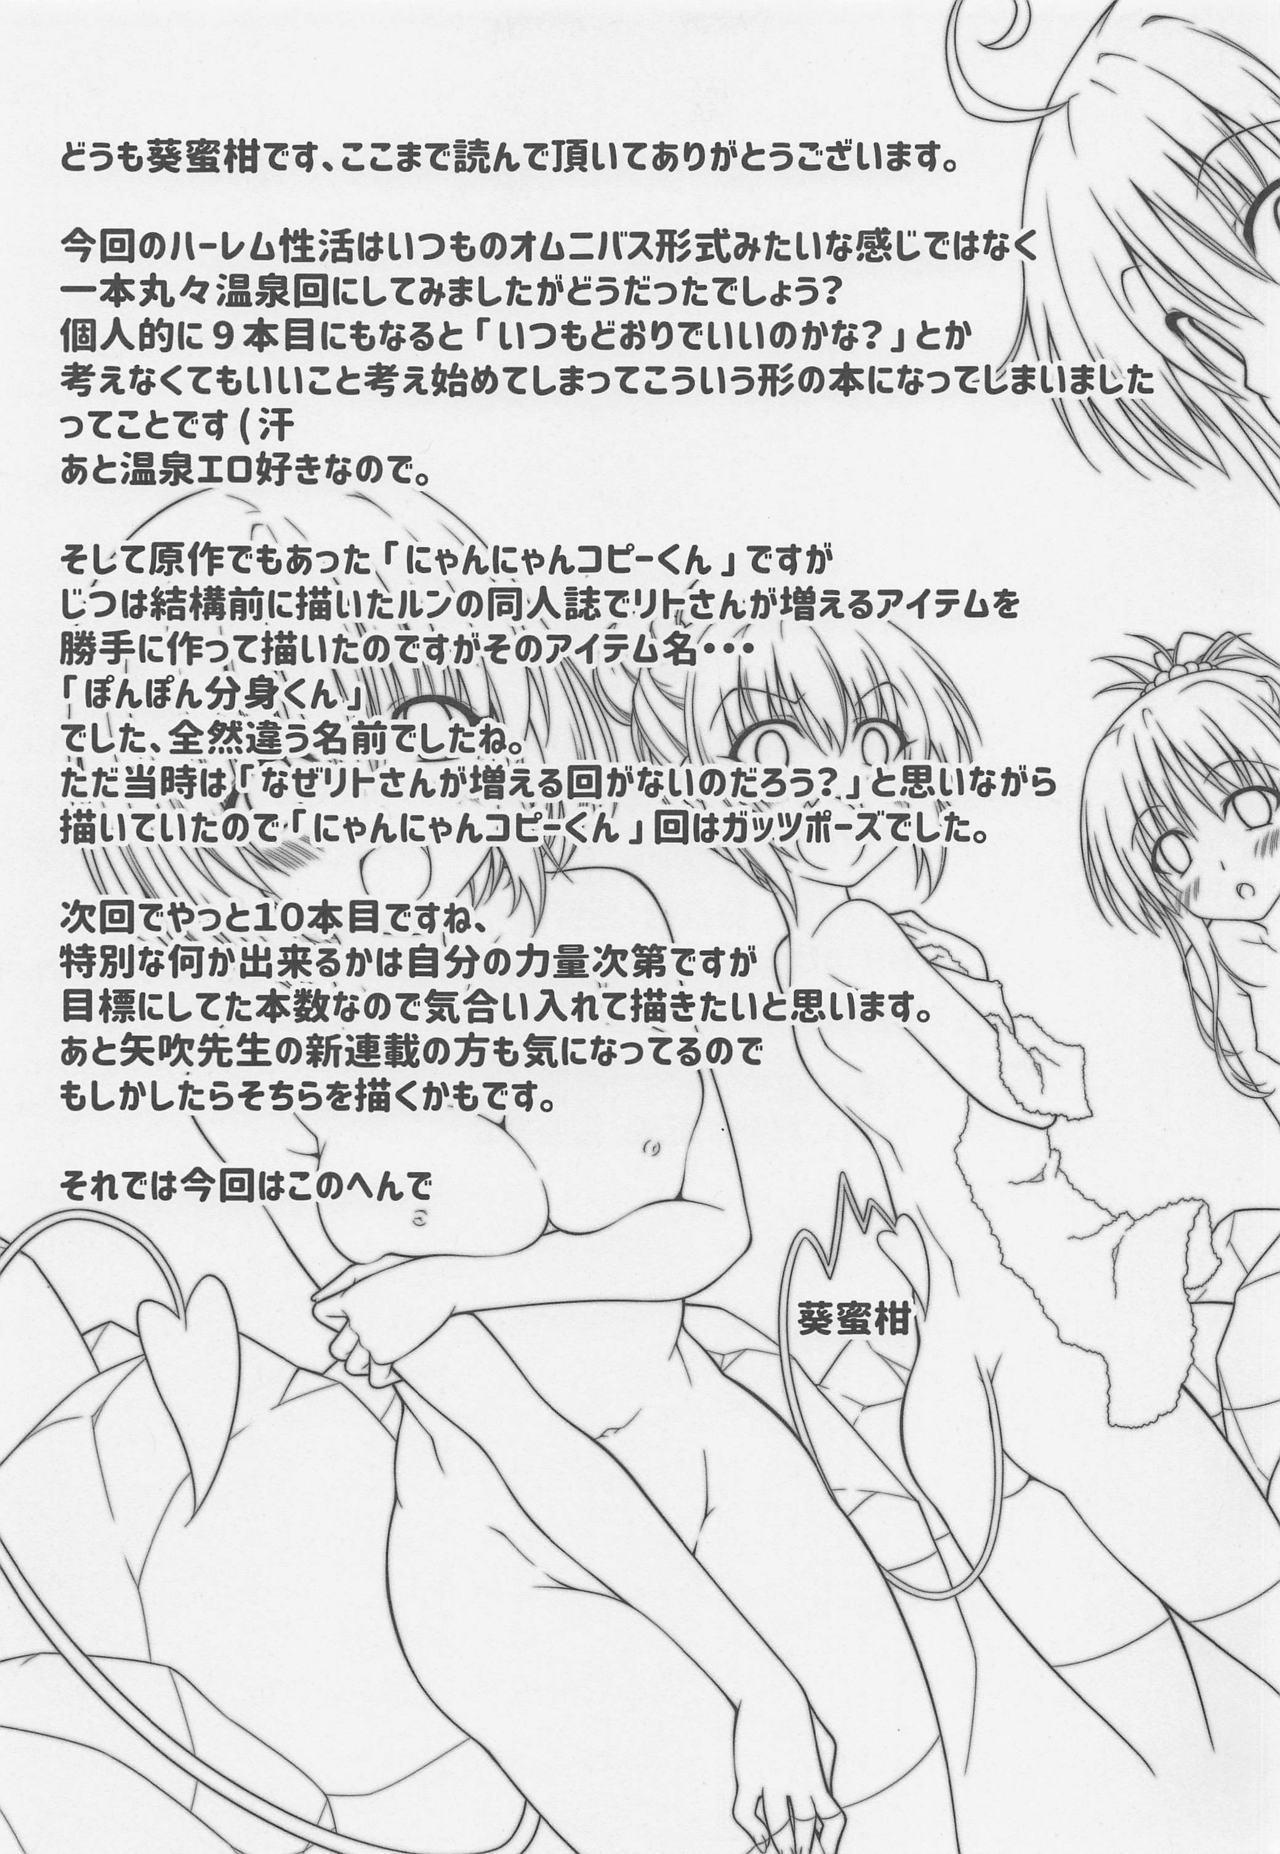 Rito-san no Harem Seikatsu 9 26